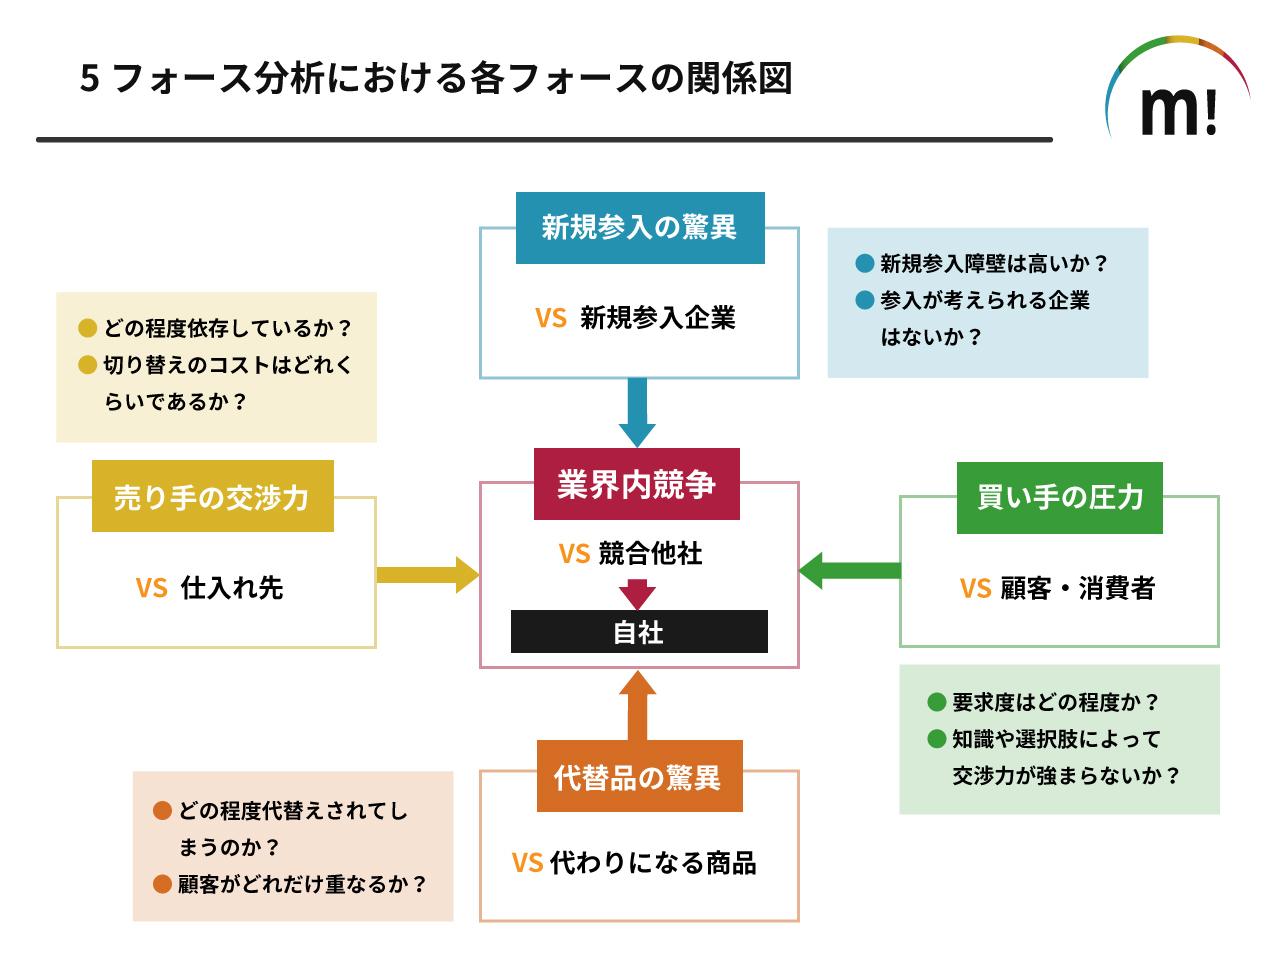 5フォース分析における各フォースの関係図